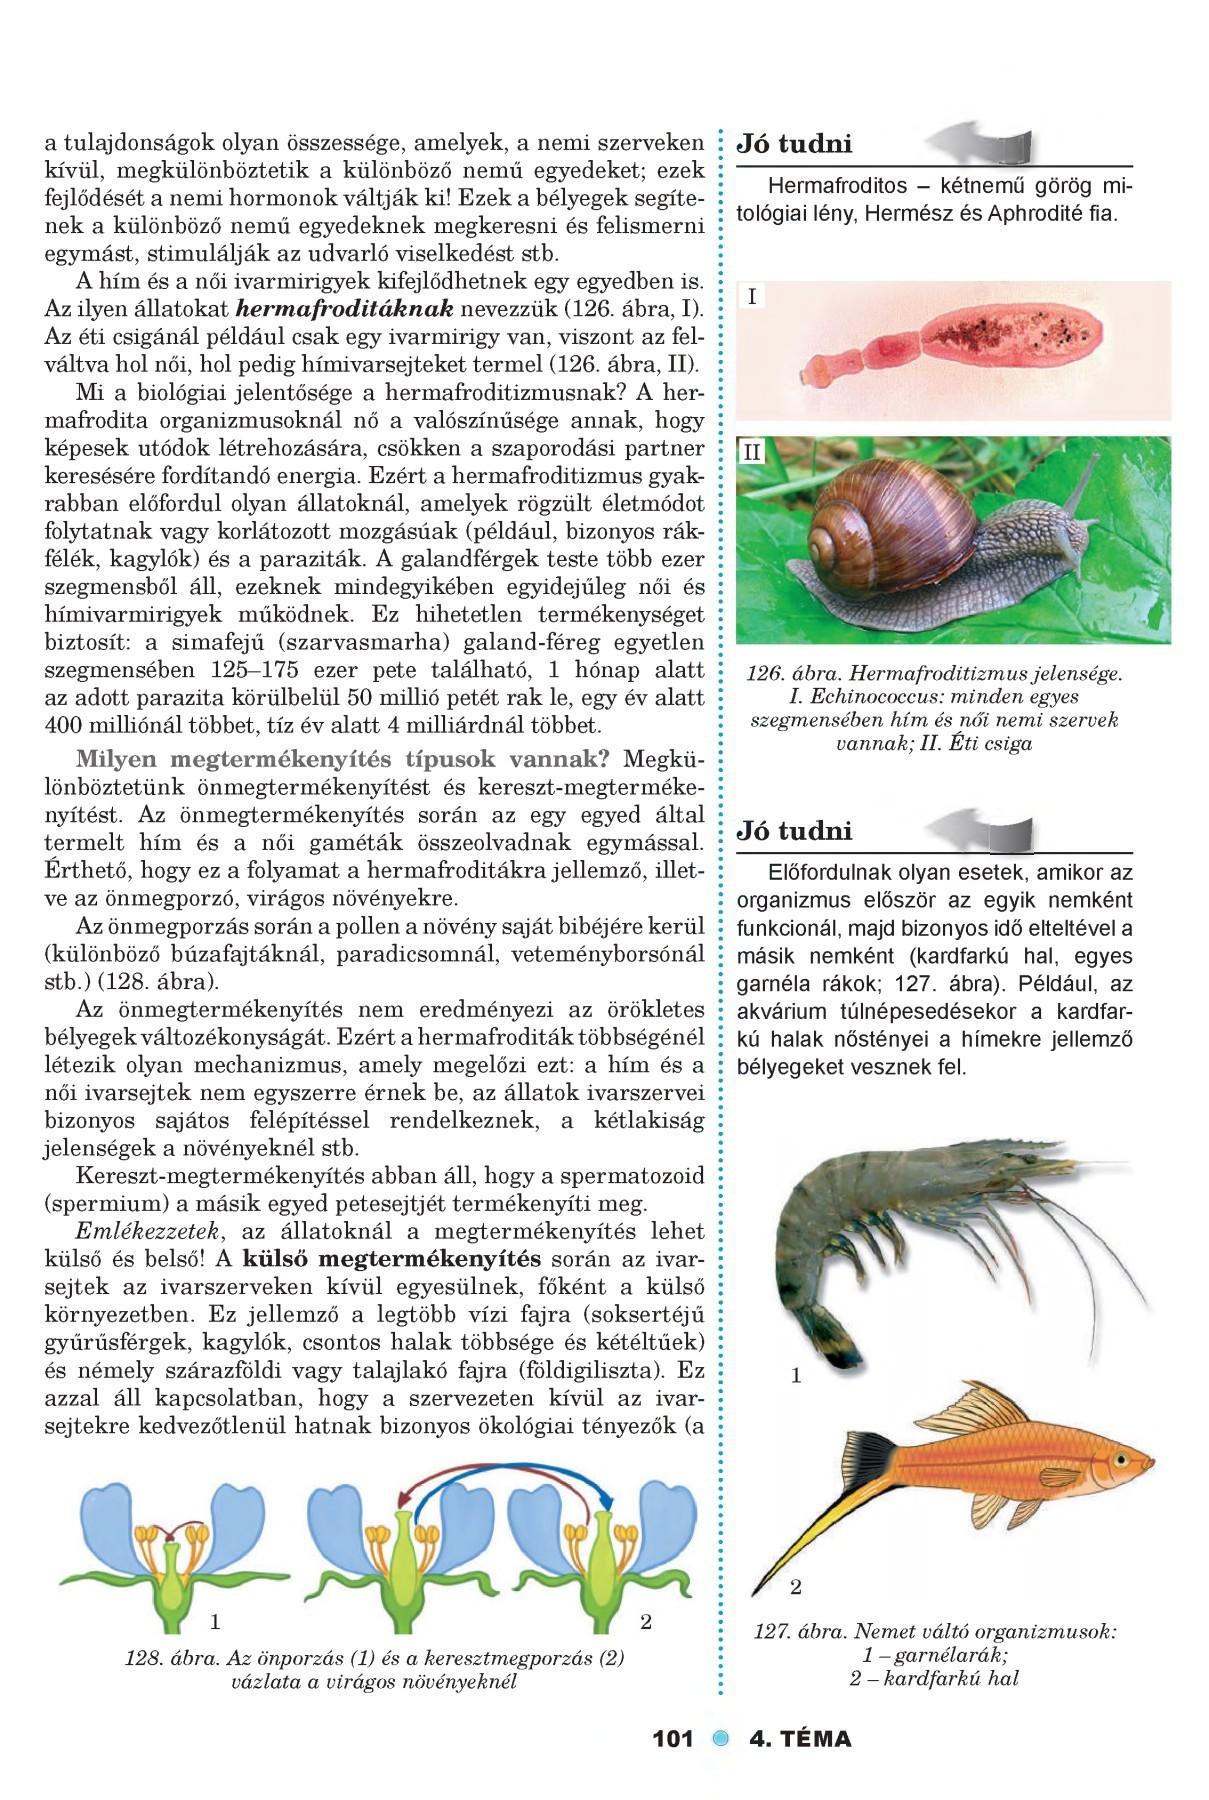 A paraziták mindkét oldalon, Tüdőgyulladás – Wikipédia